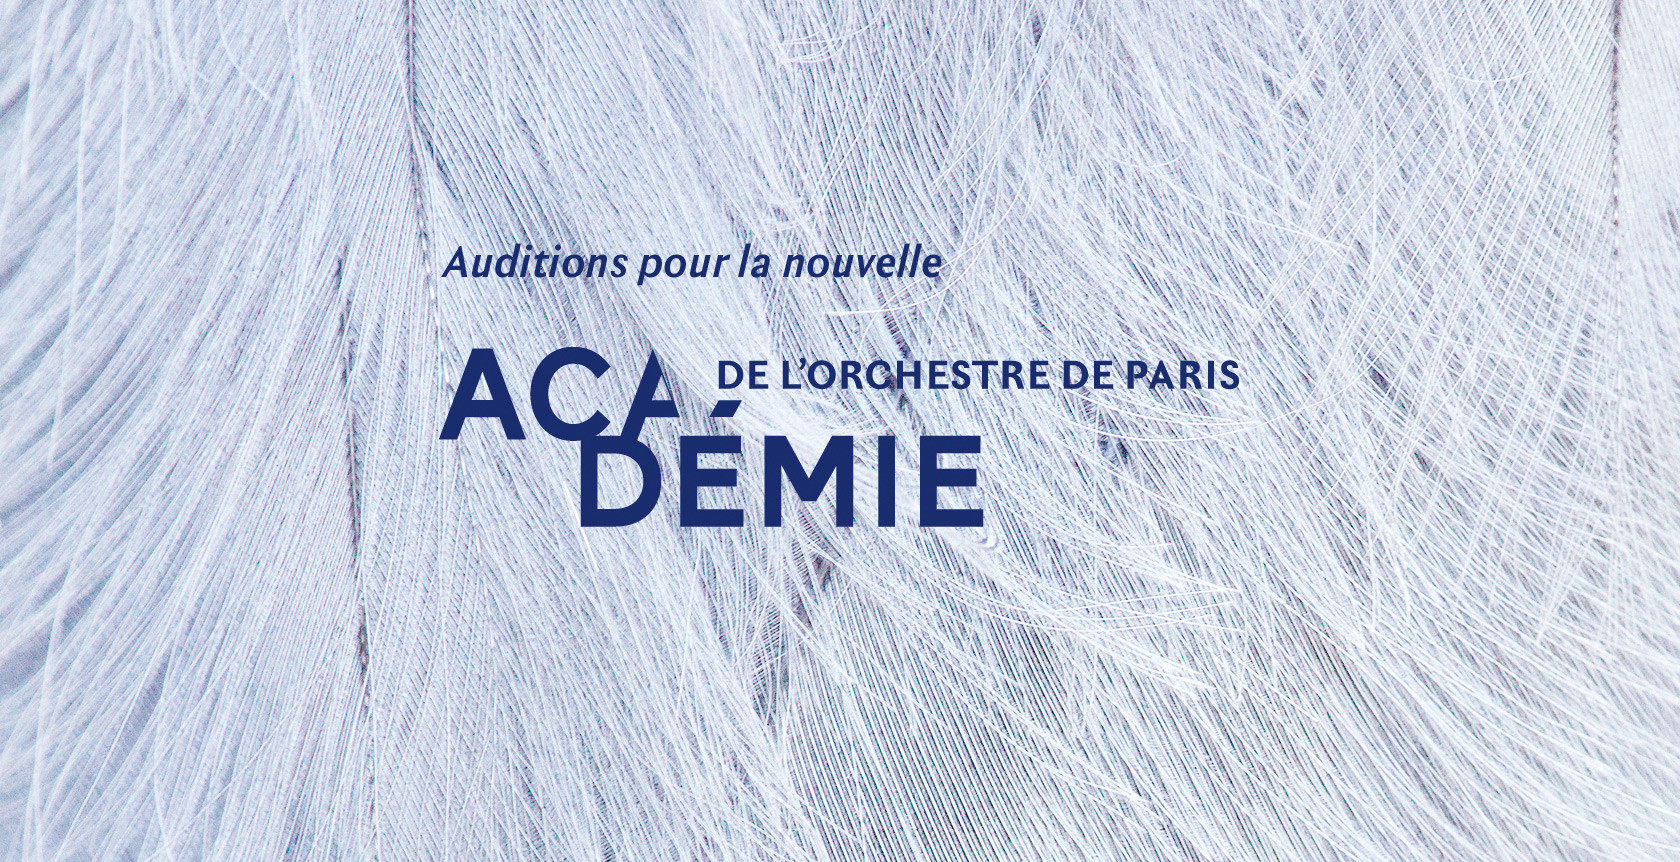 Auditions pour lanouvelle Académie